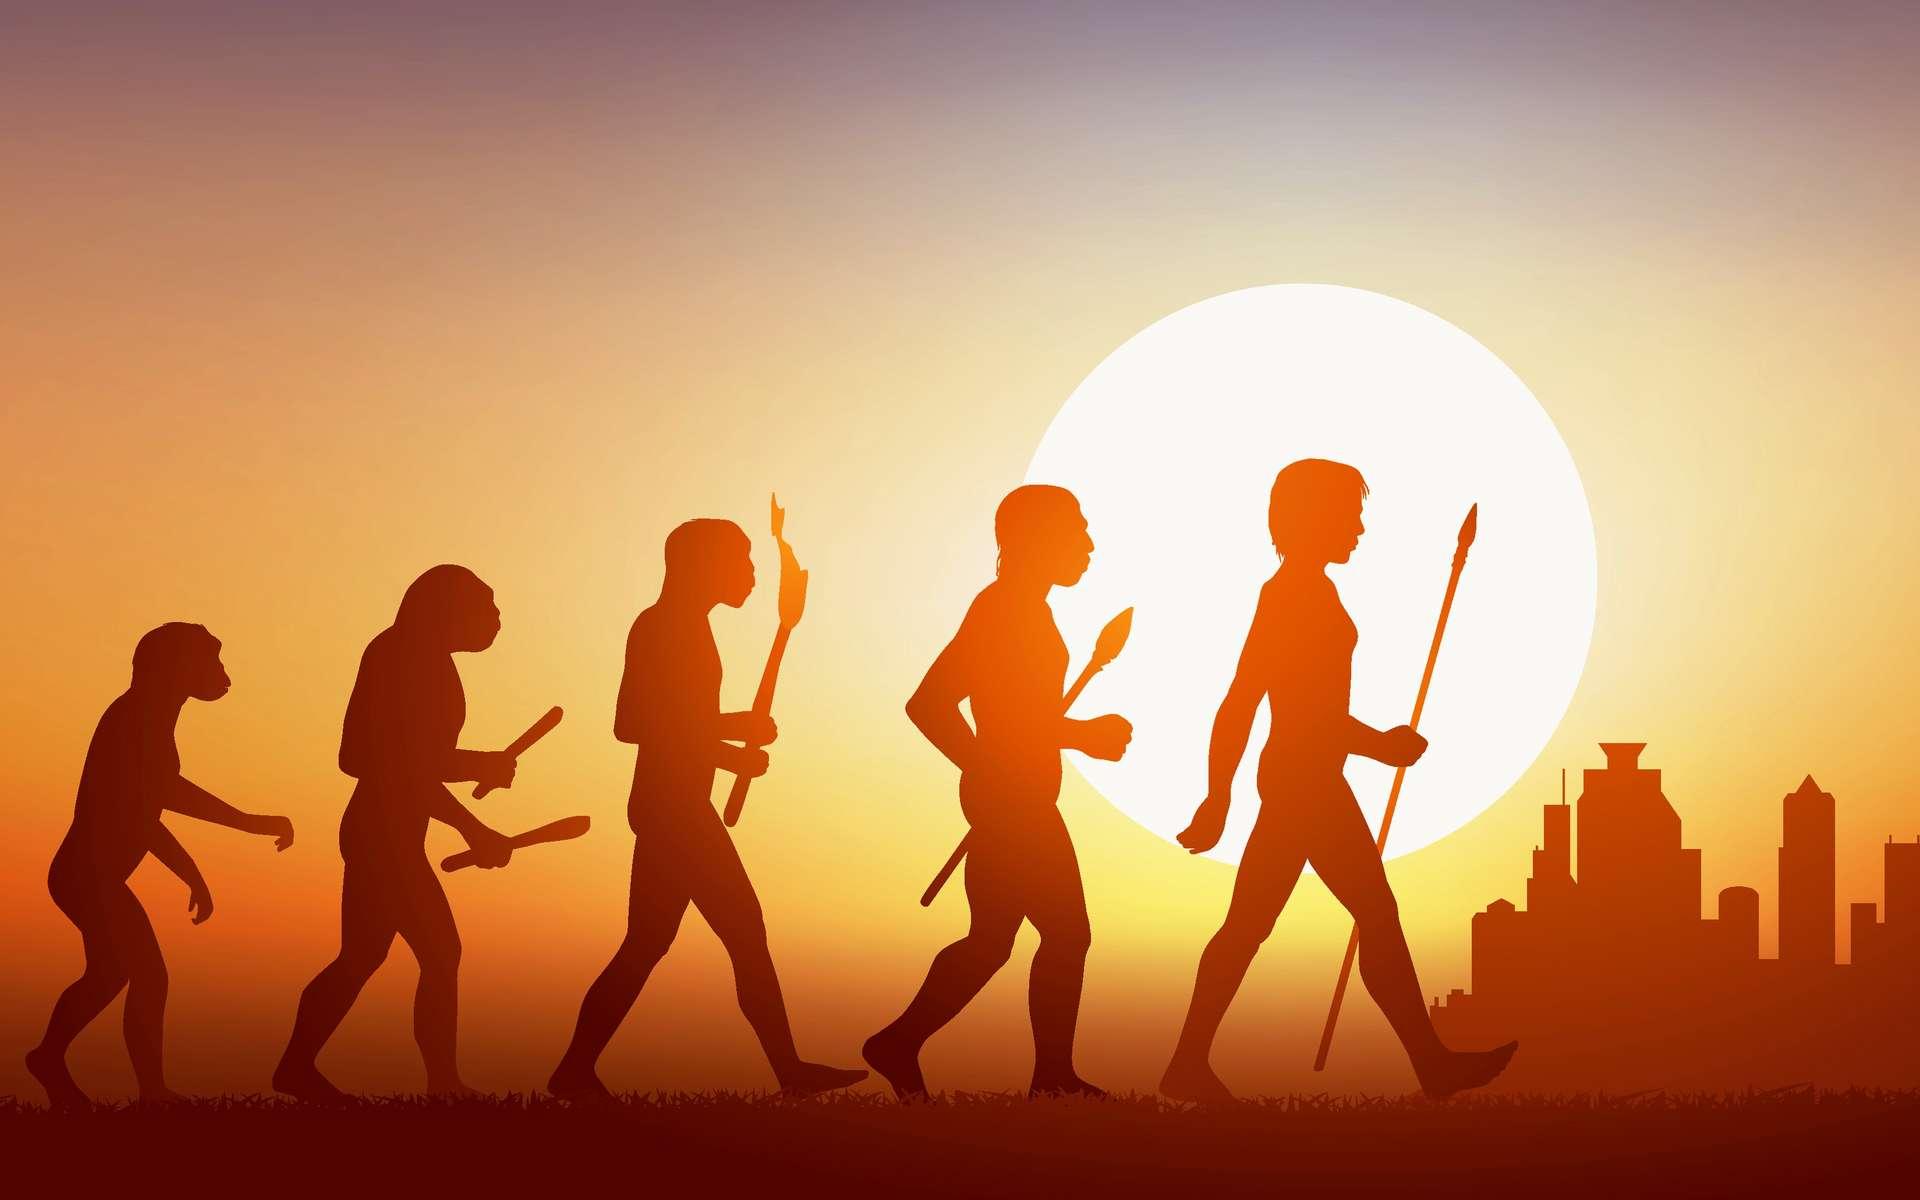 Une vue d'artiste de l'évolution humaine jusqu'à Homo sapiens © pict rider, Fotolia